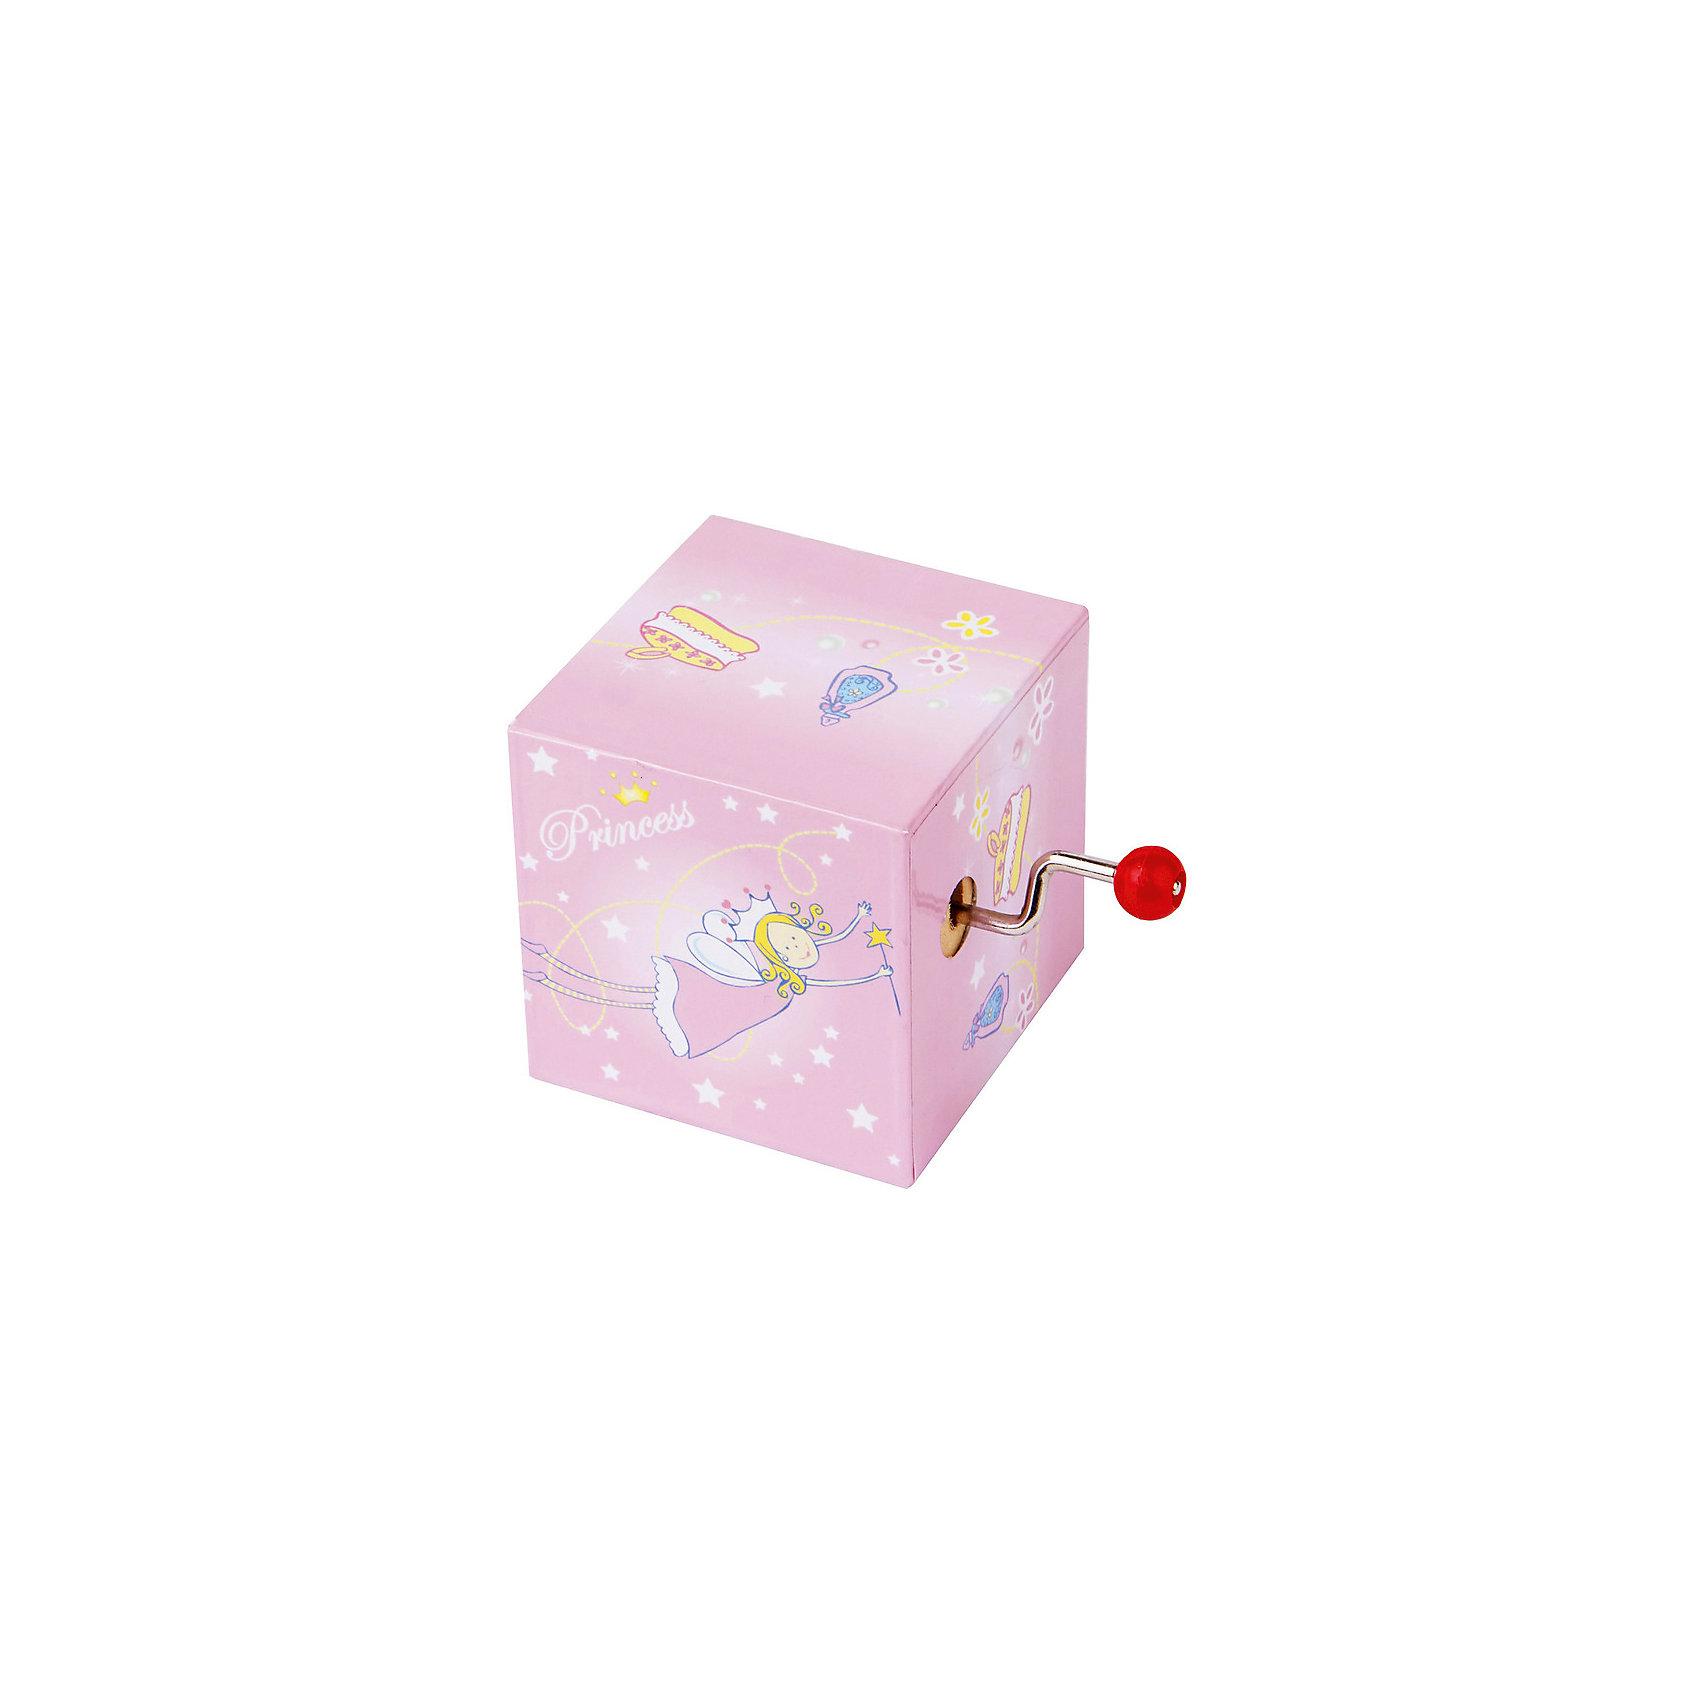 TROUSSELIER Музыкальная мини шарманка Princess, Trousselier trousselier музыкальная мини шарманка elmer© trousselier